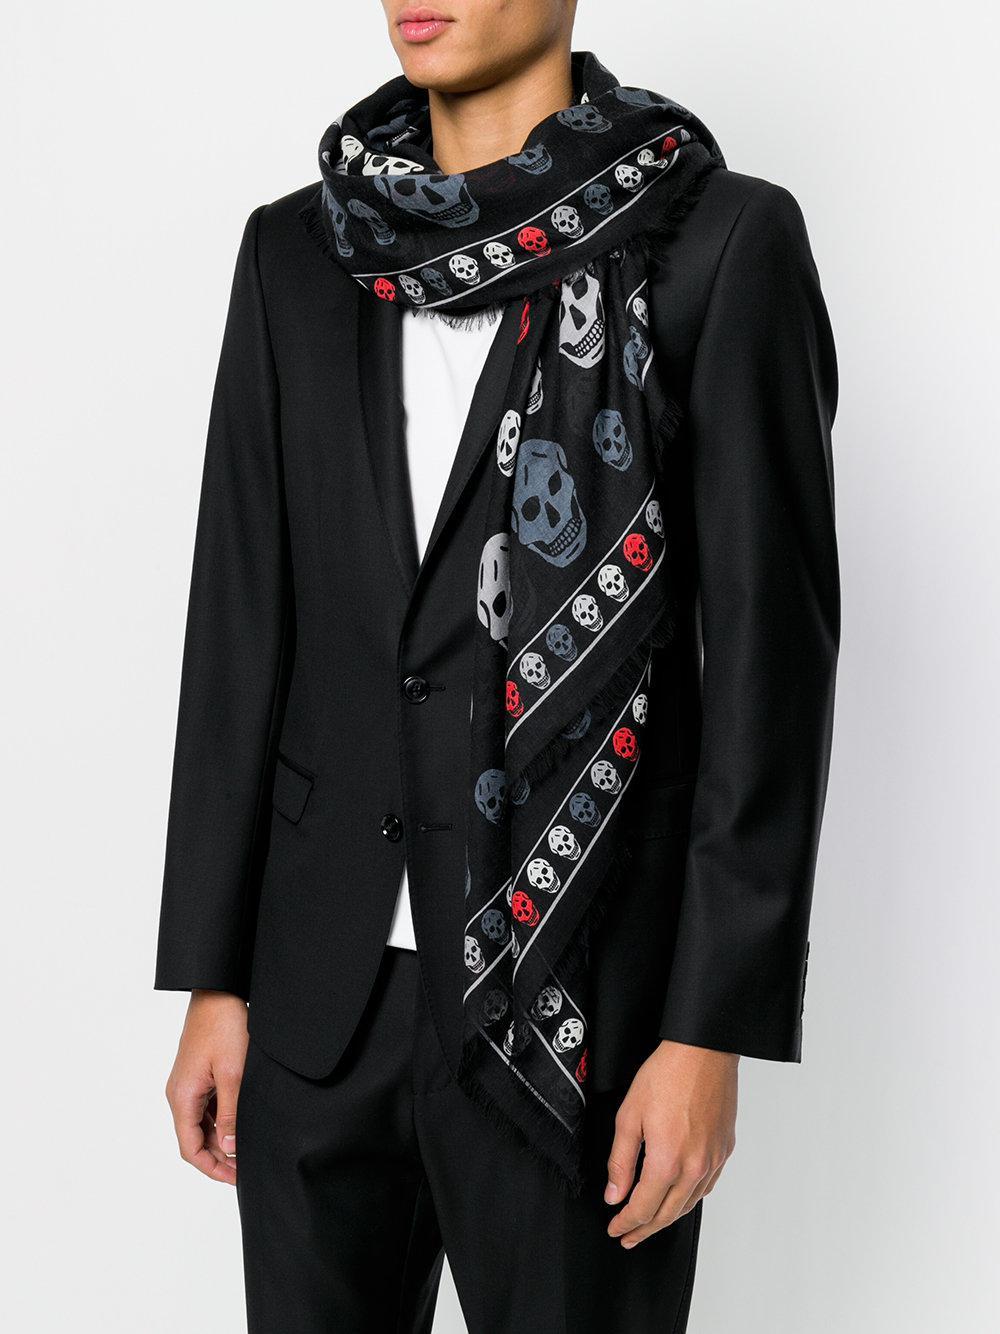 Alexander McQueen - Black Écharpe à imprimé tête de mort for Men - Lyst.  Afficher en plein écran 981be851993